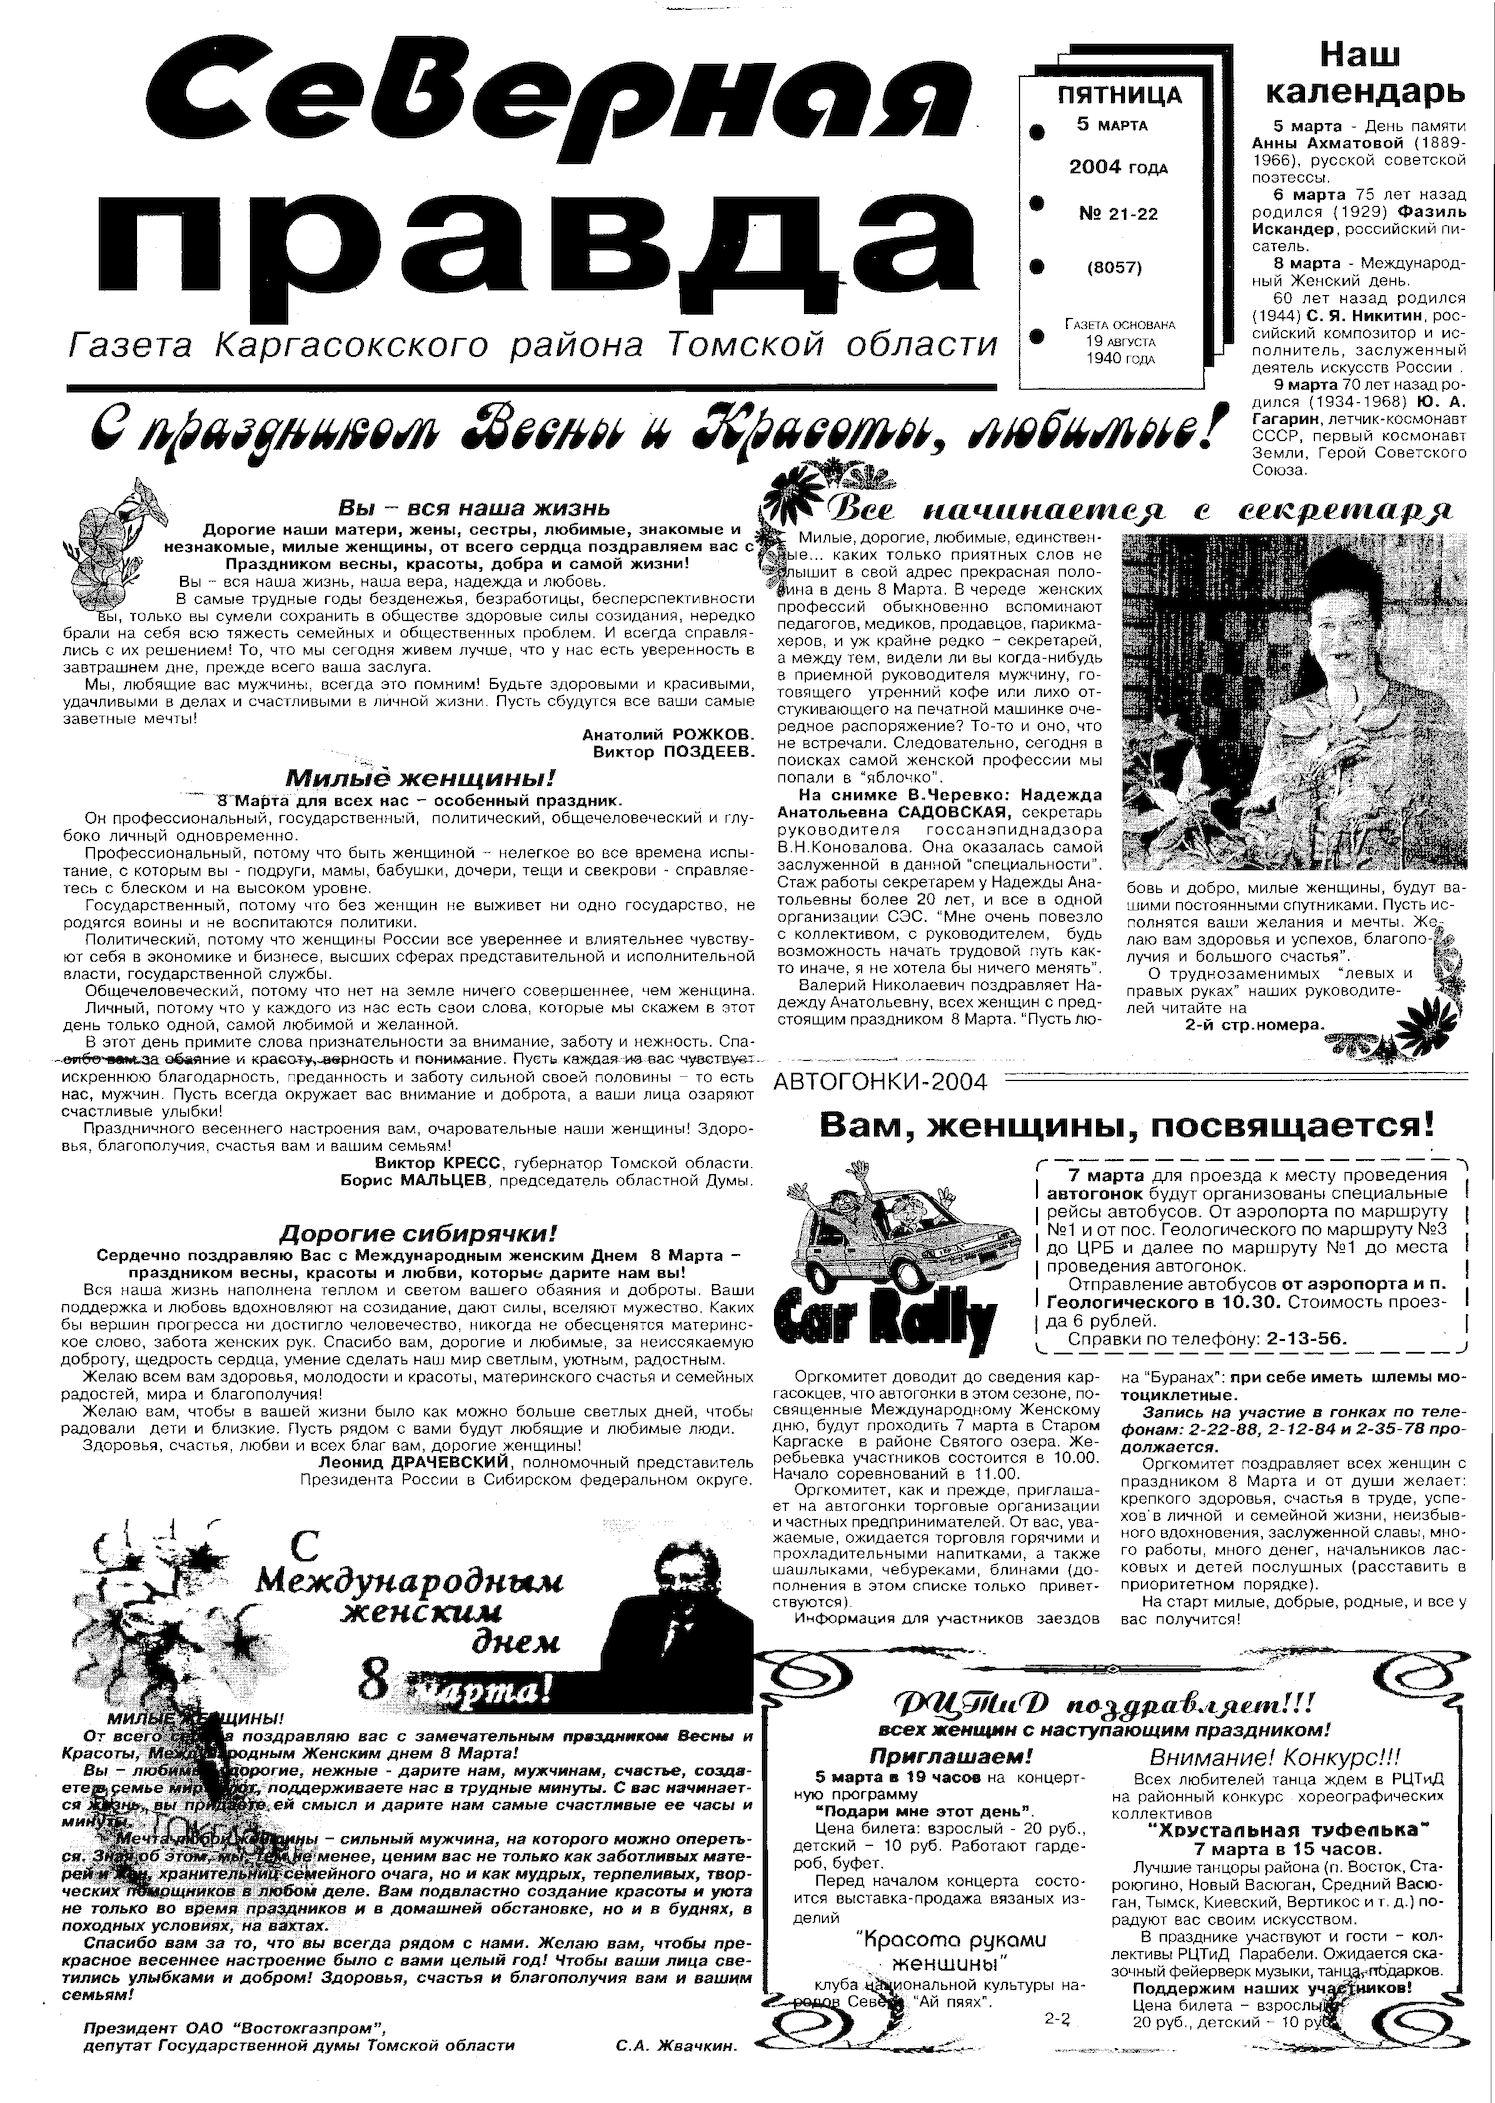 Трудовые книжки со стажем Ащеулов переулок документы для кредита в москве Шипиловский проезд